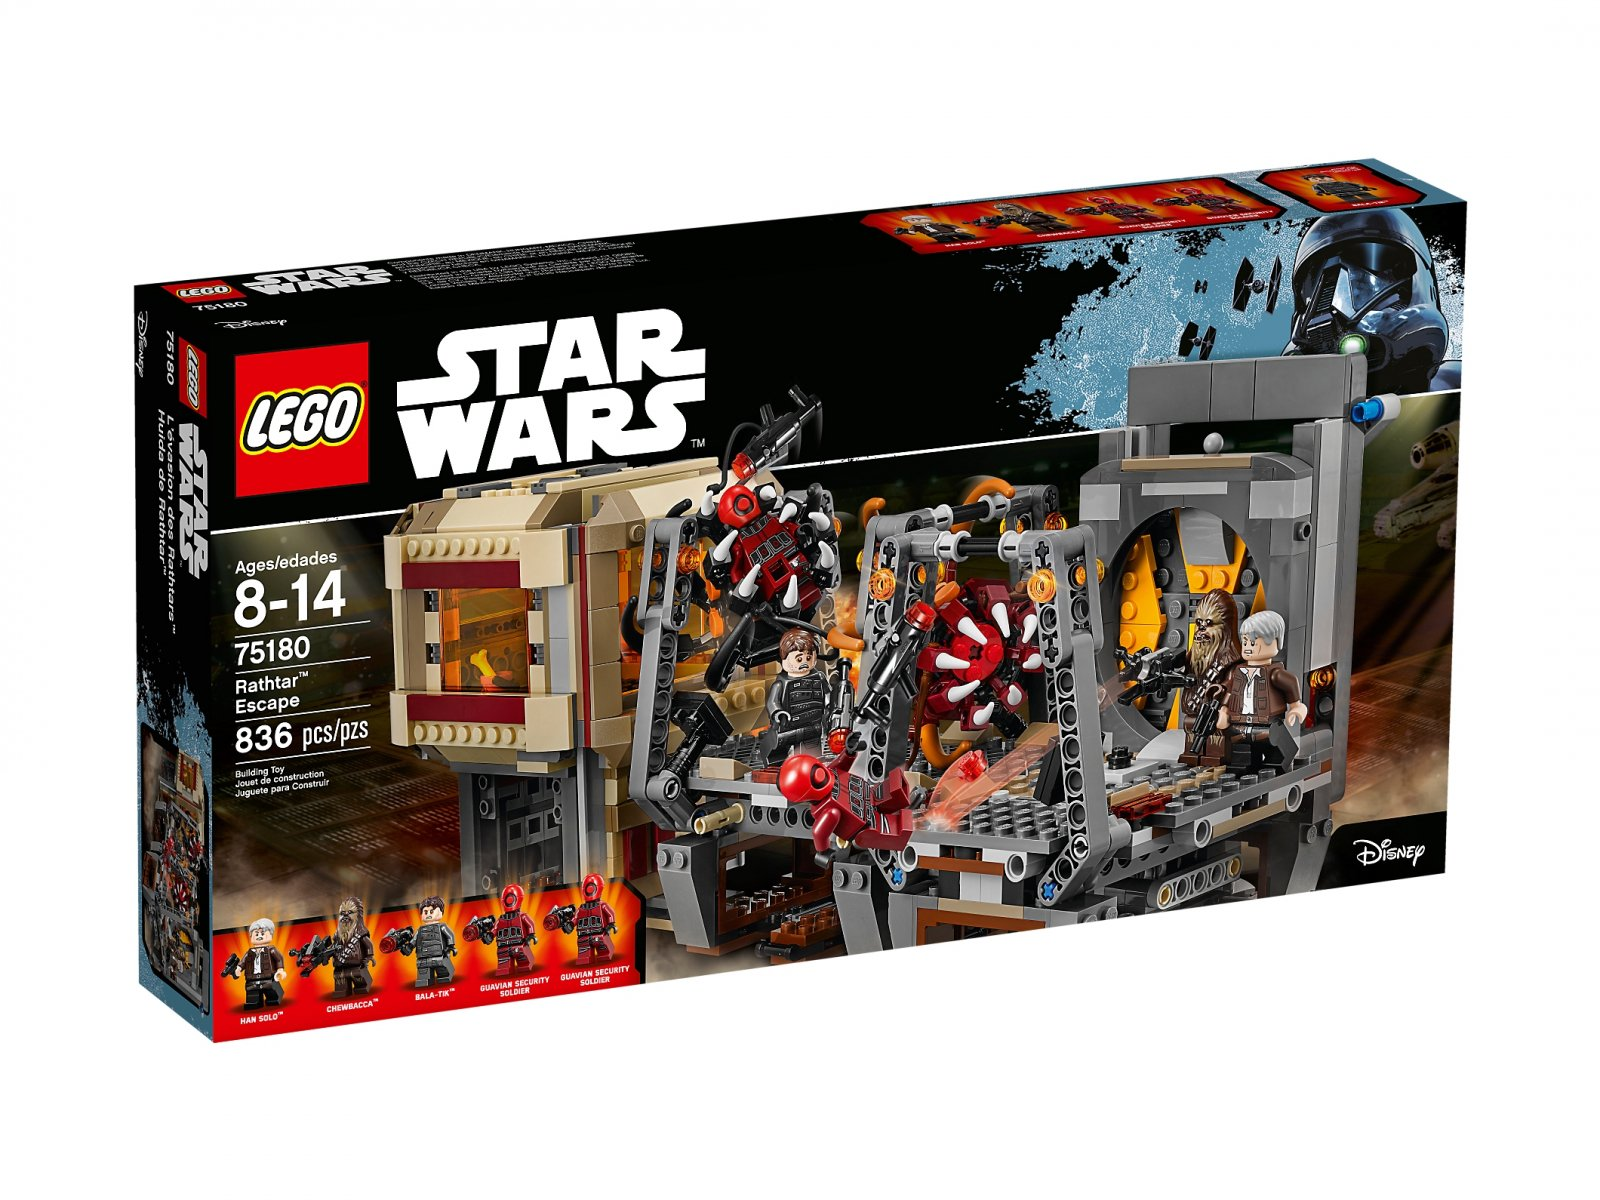 Lego 75180 Star Wars Ucieczka Rathtara Zklockówpl